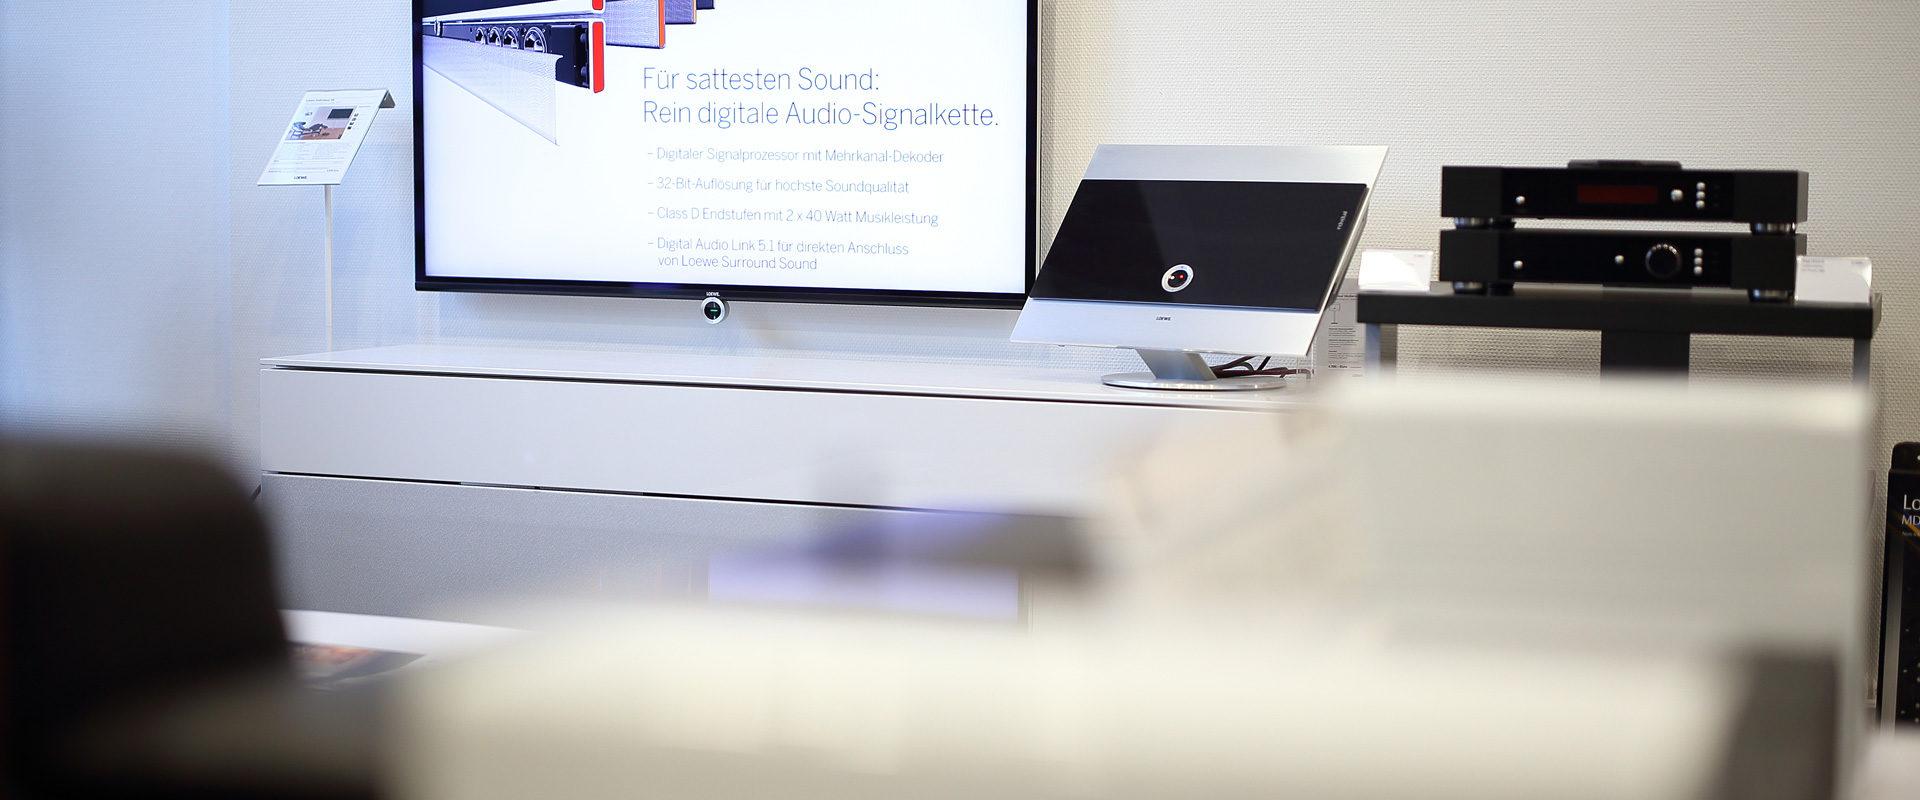 sound@home - Loewe in Reutlingen